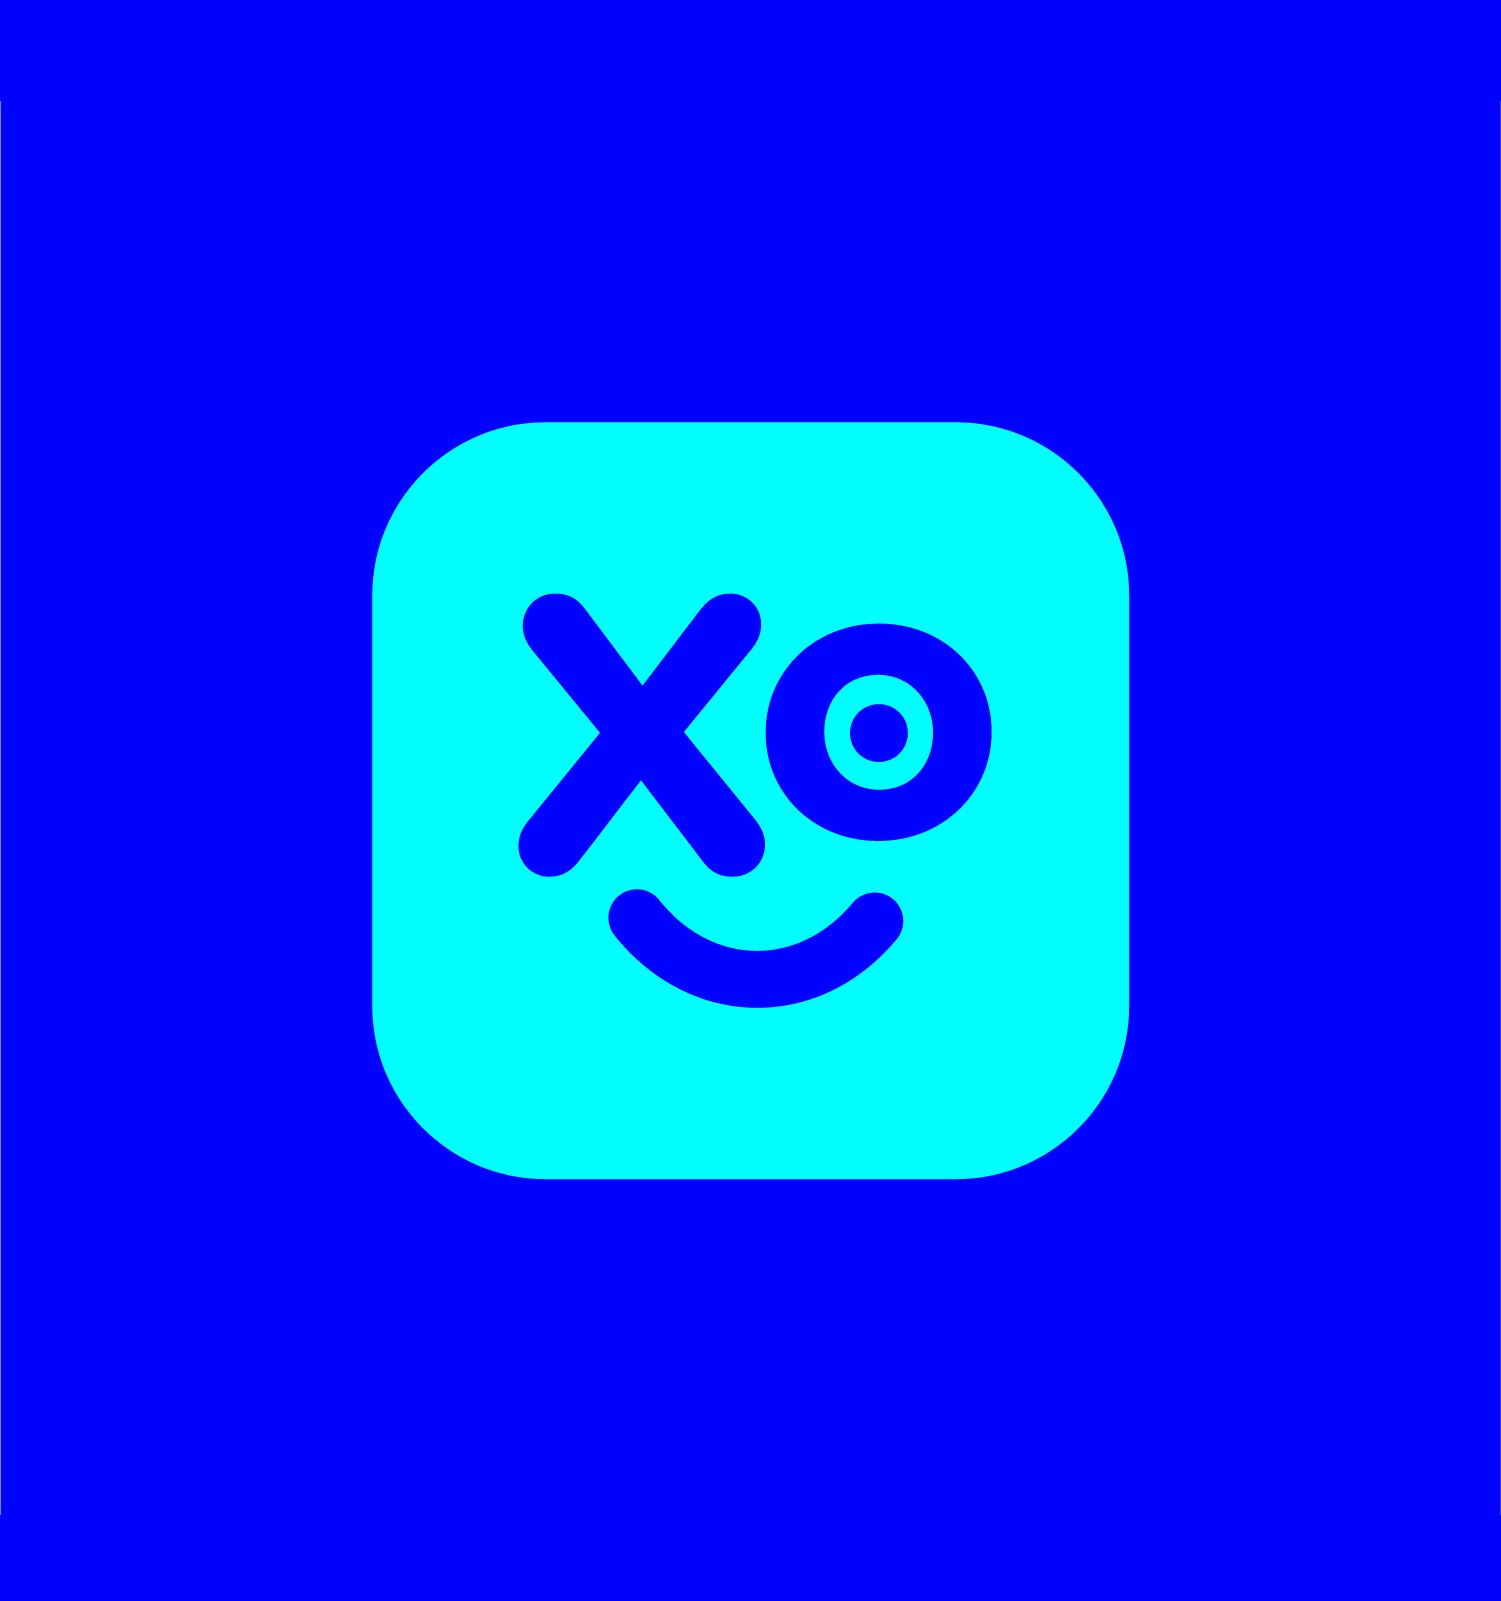 xo_visual-13d-dizajn-studio-sudar-zagreb